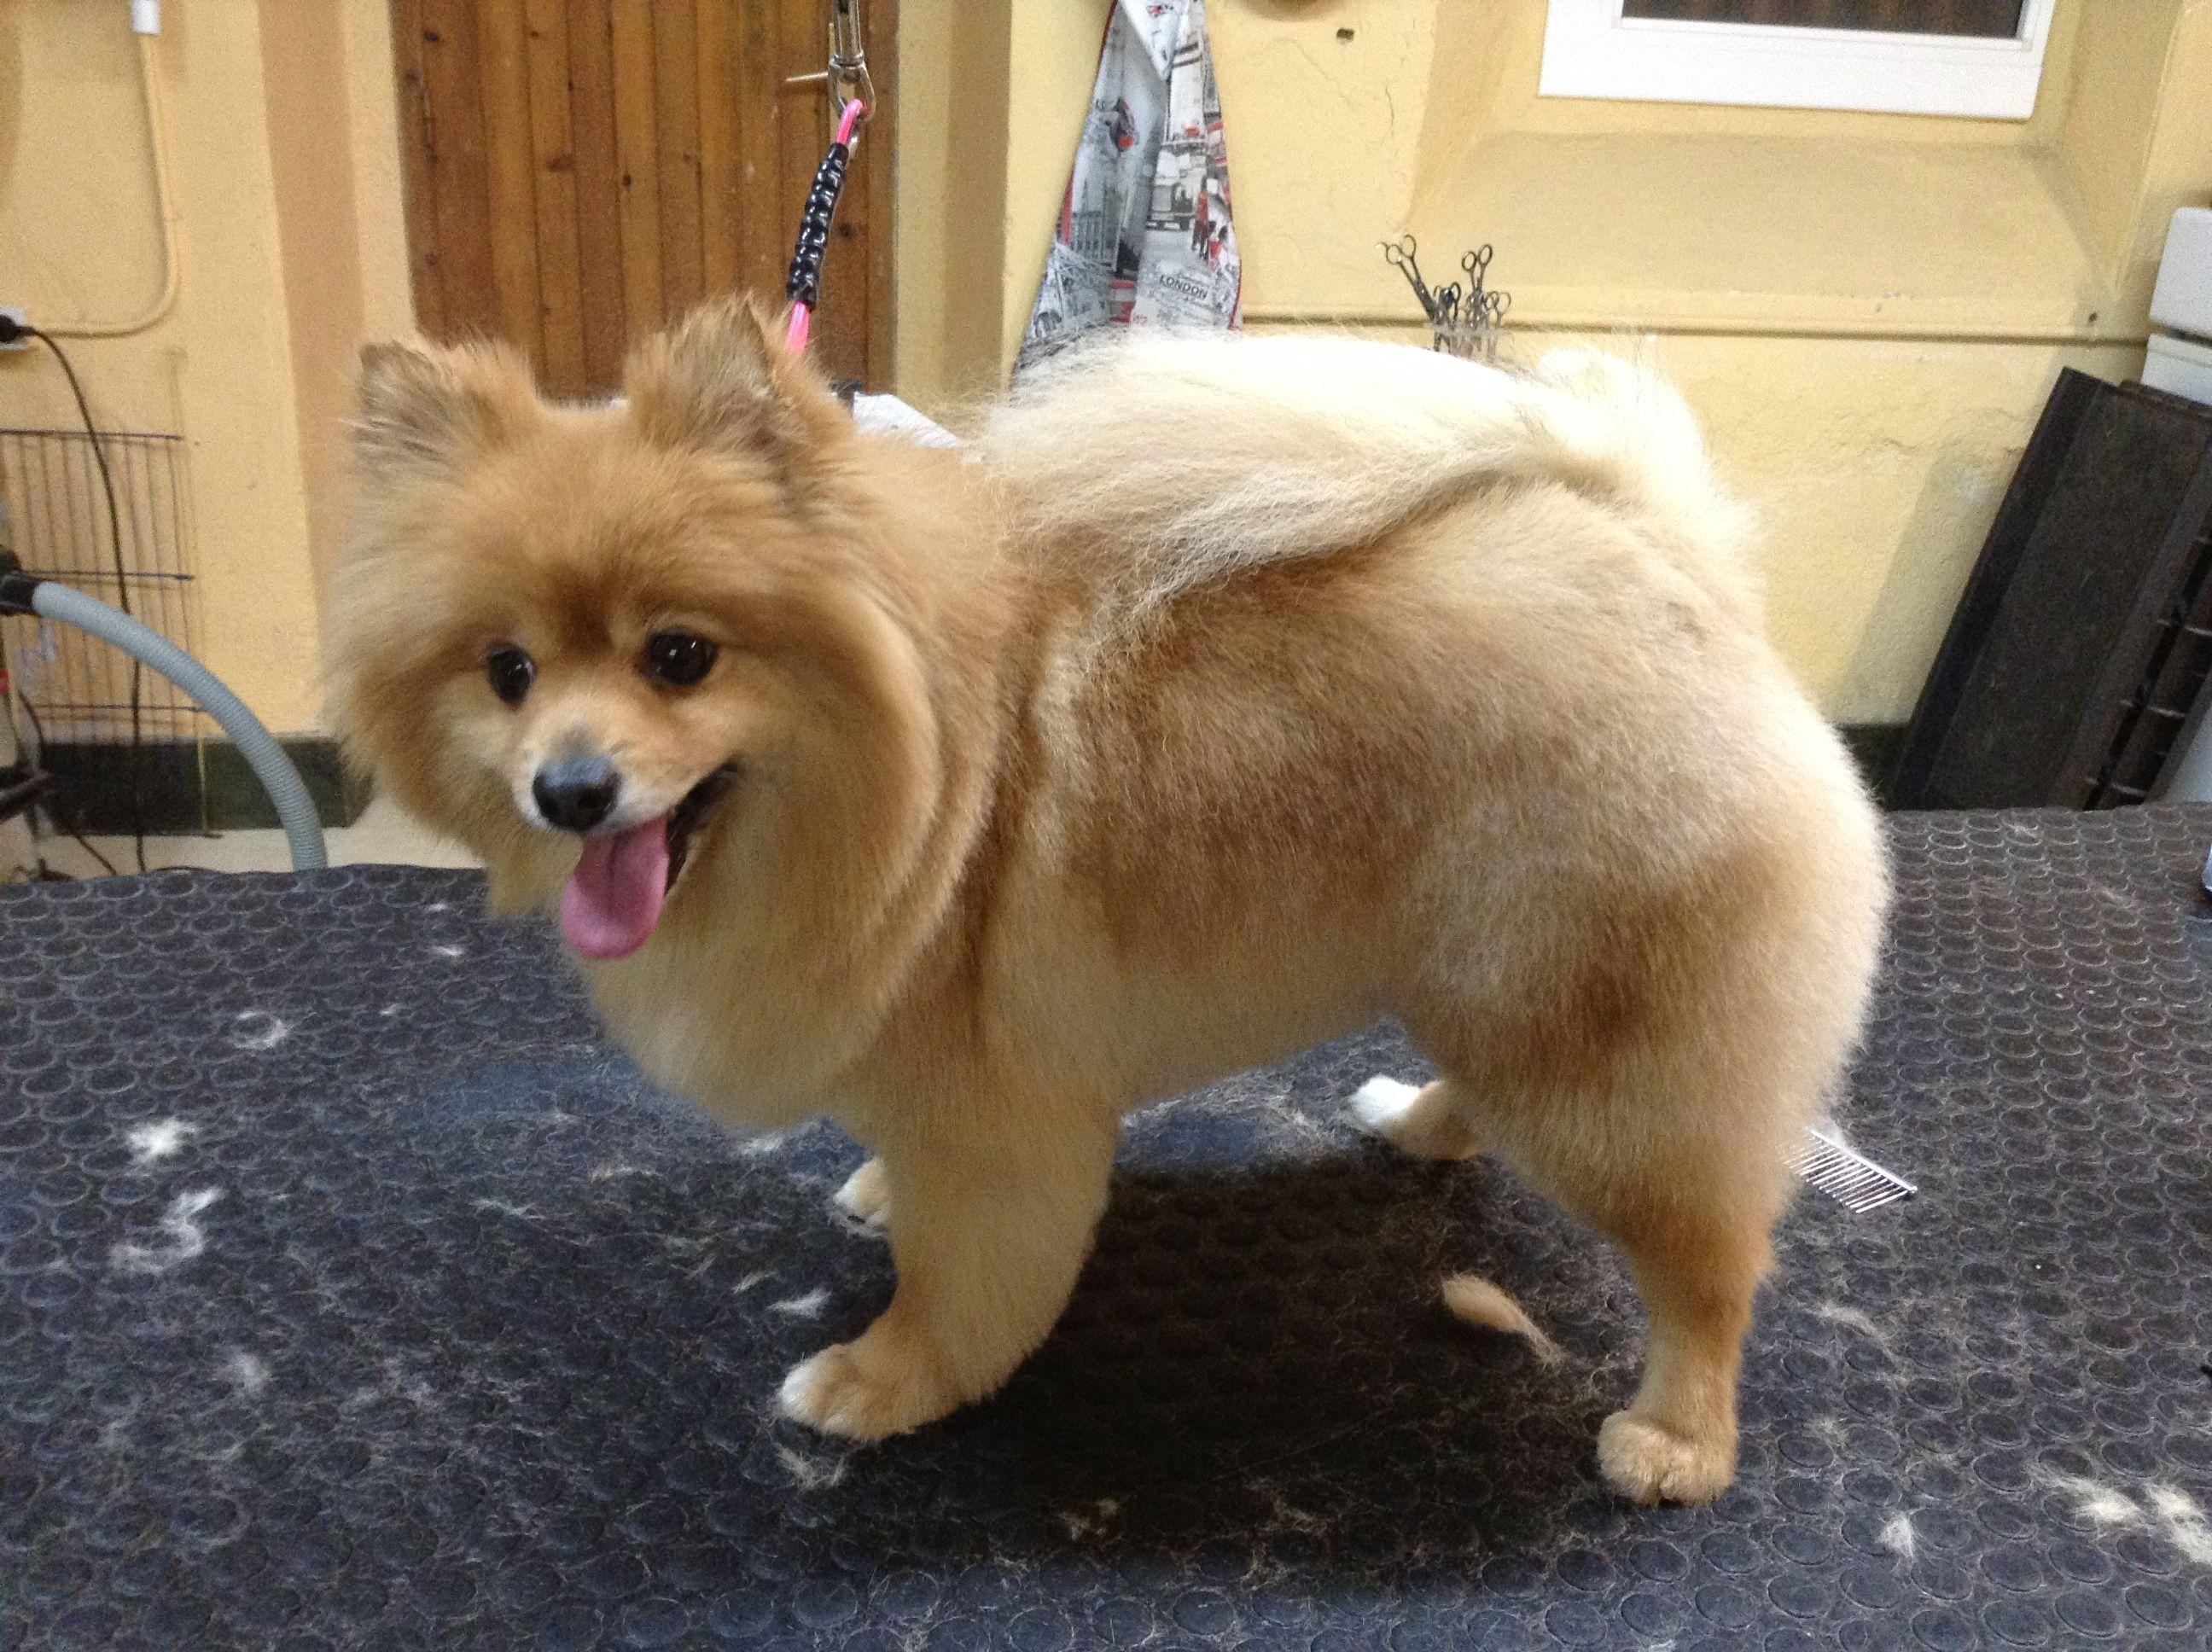 B&G PETSHOP - Peluqueria canina. Vilassar de dalt